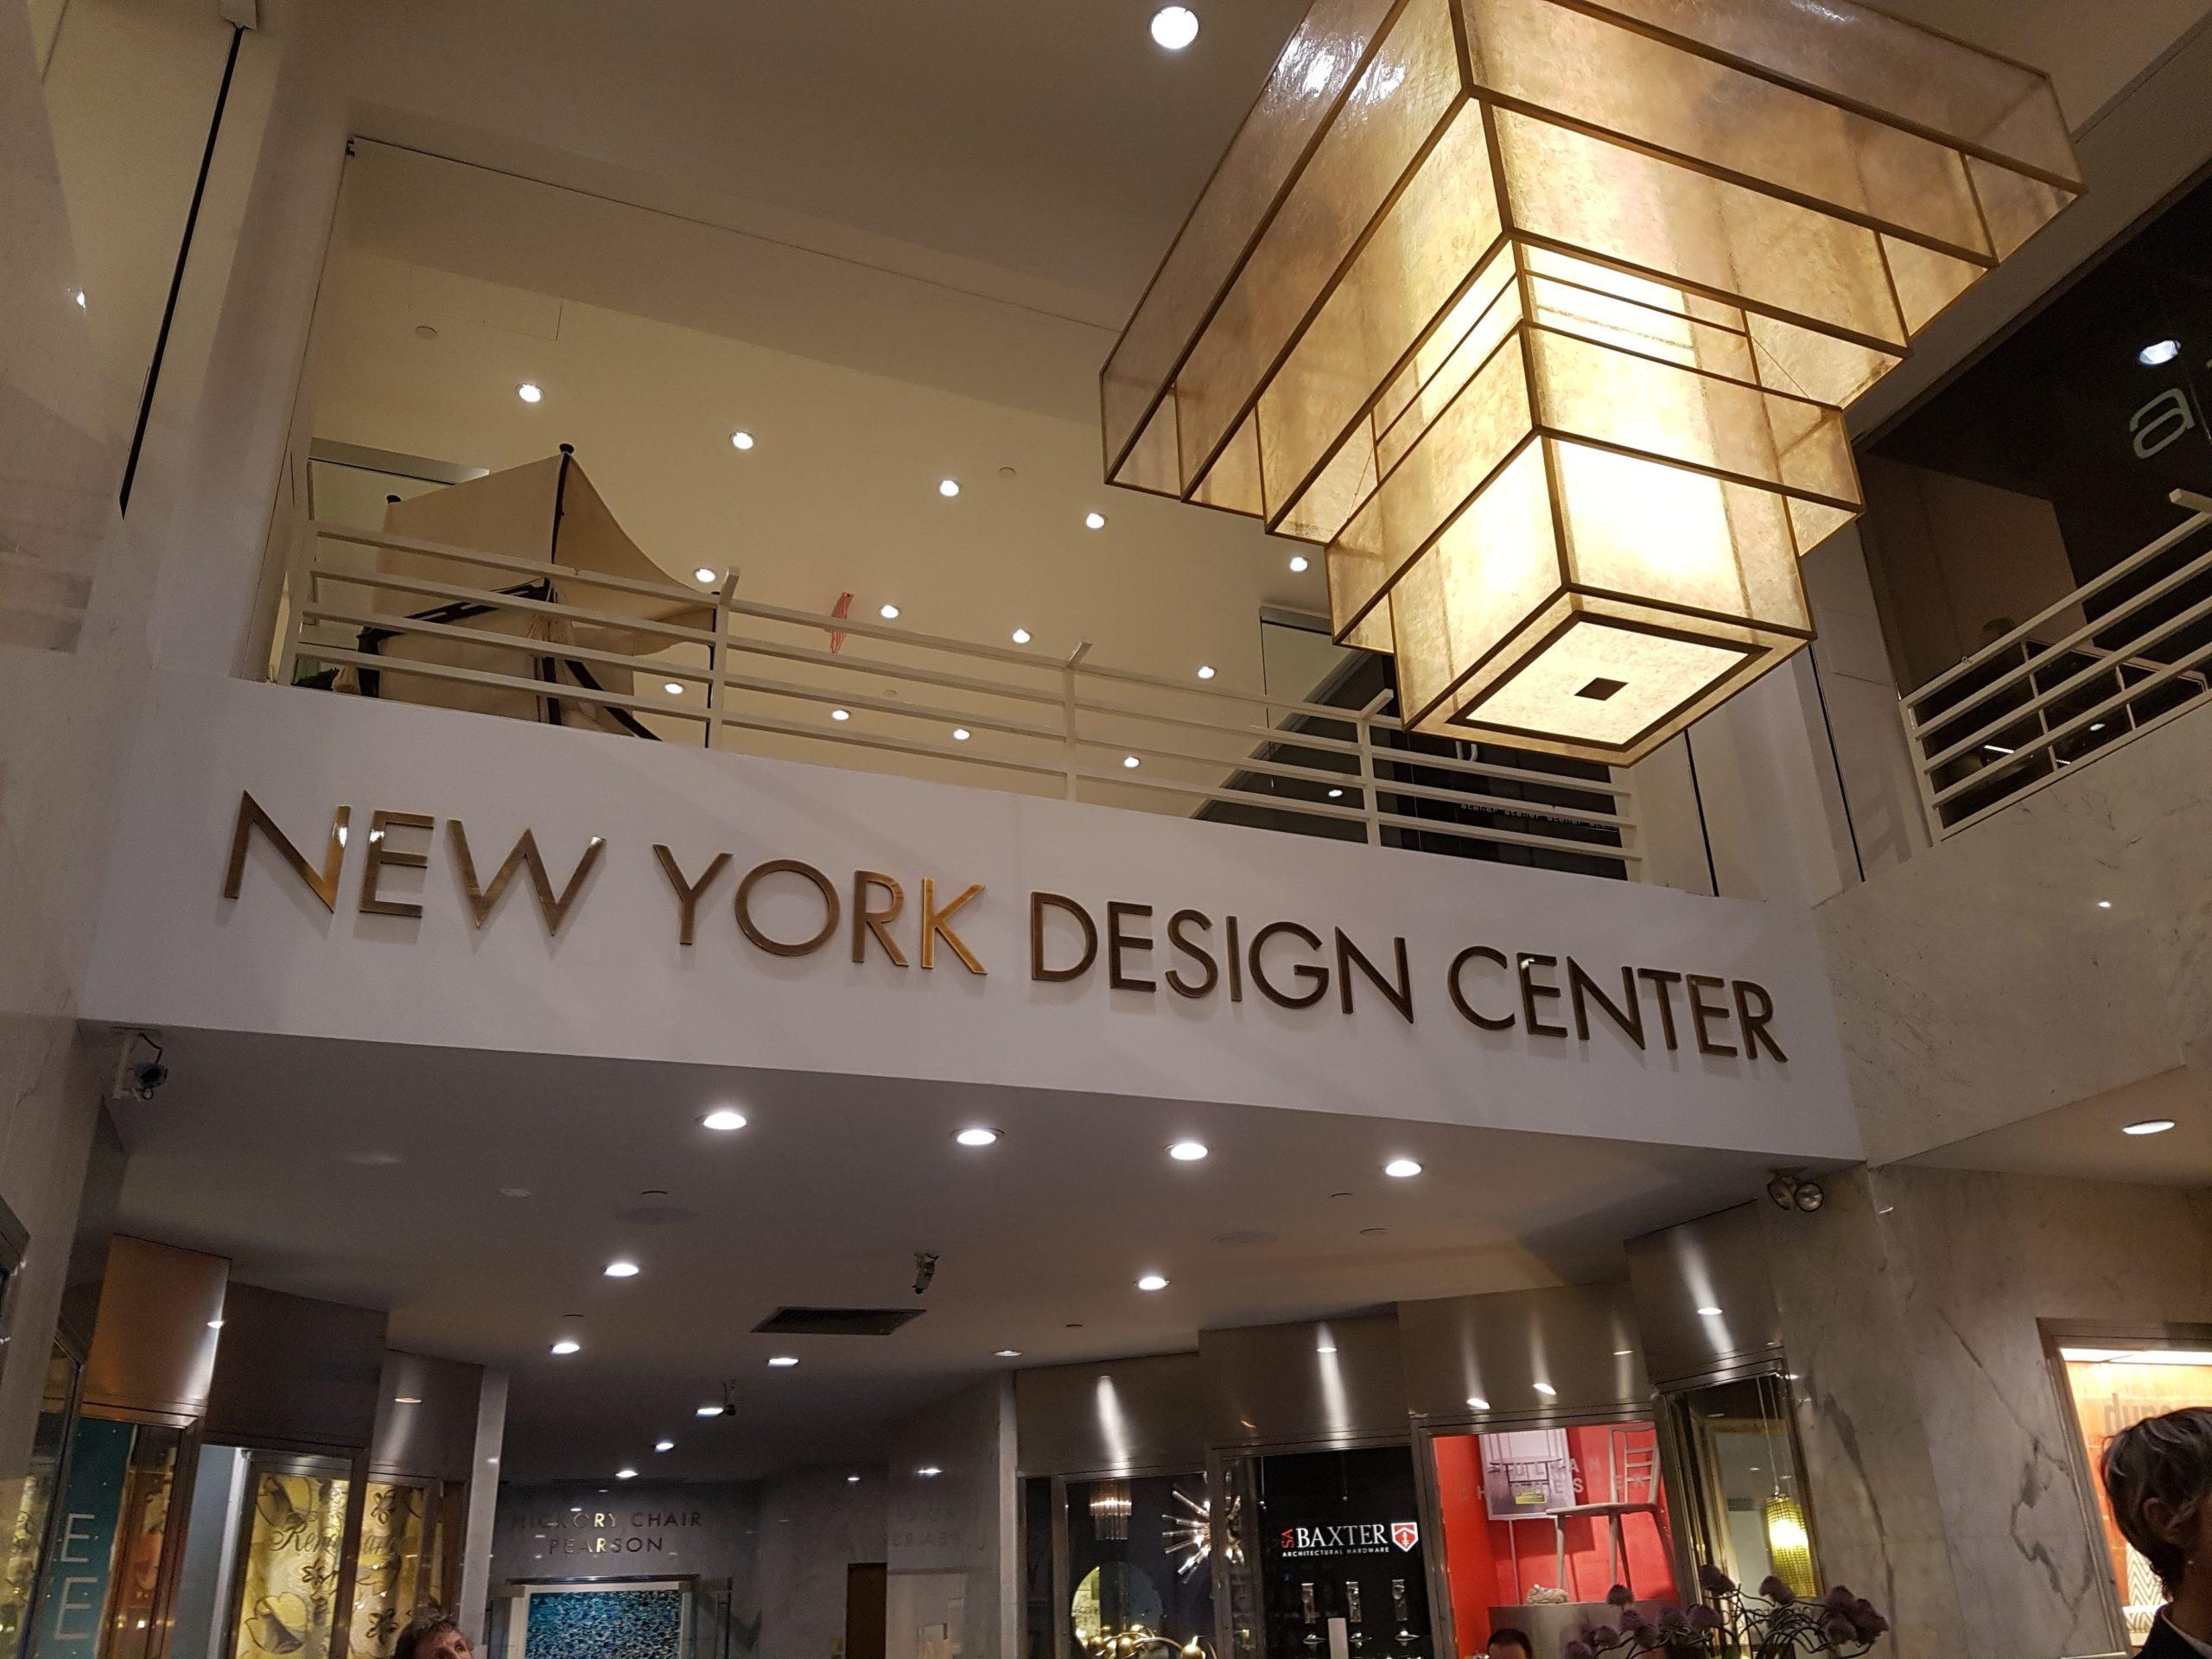 NEW YORK DESIGN CENTRE – 1st dibs